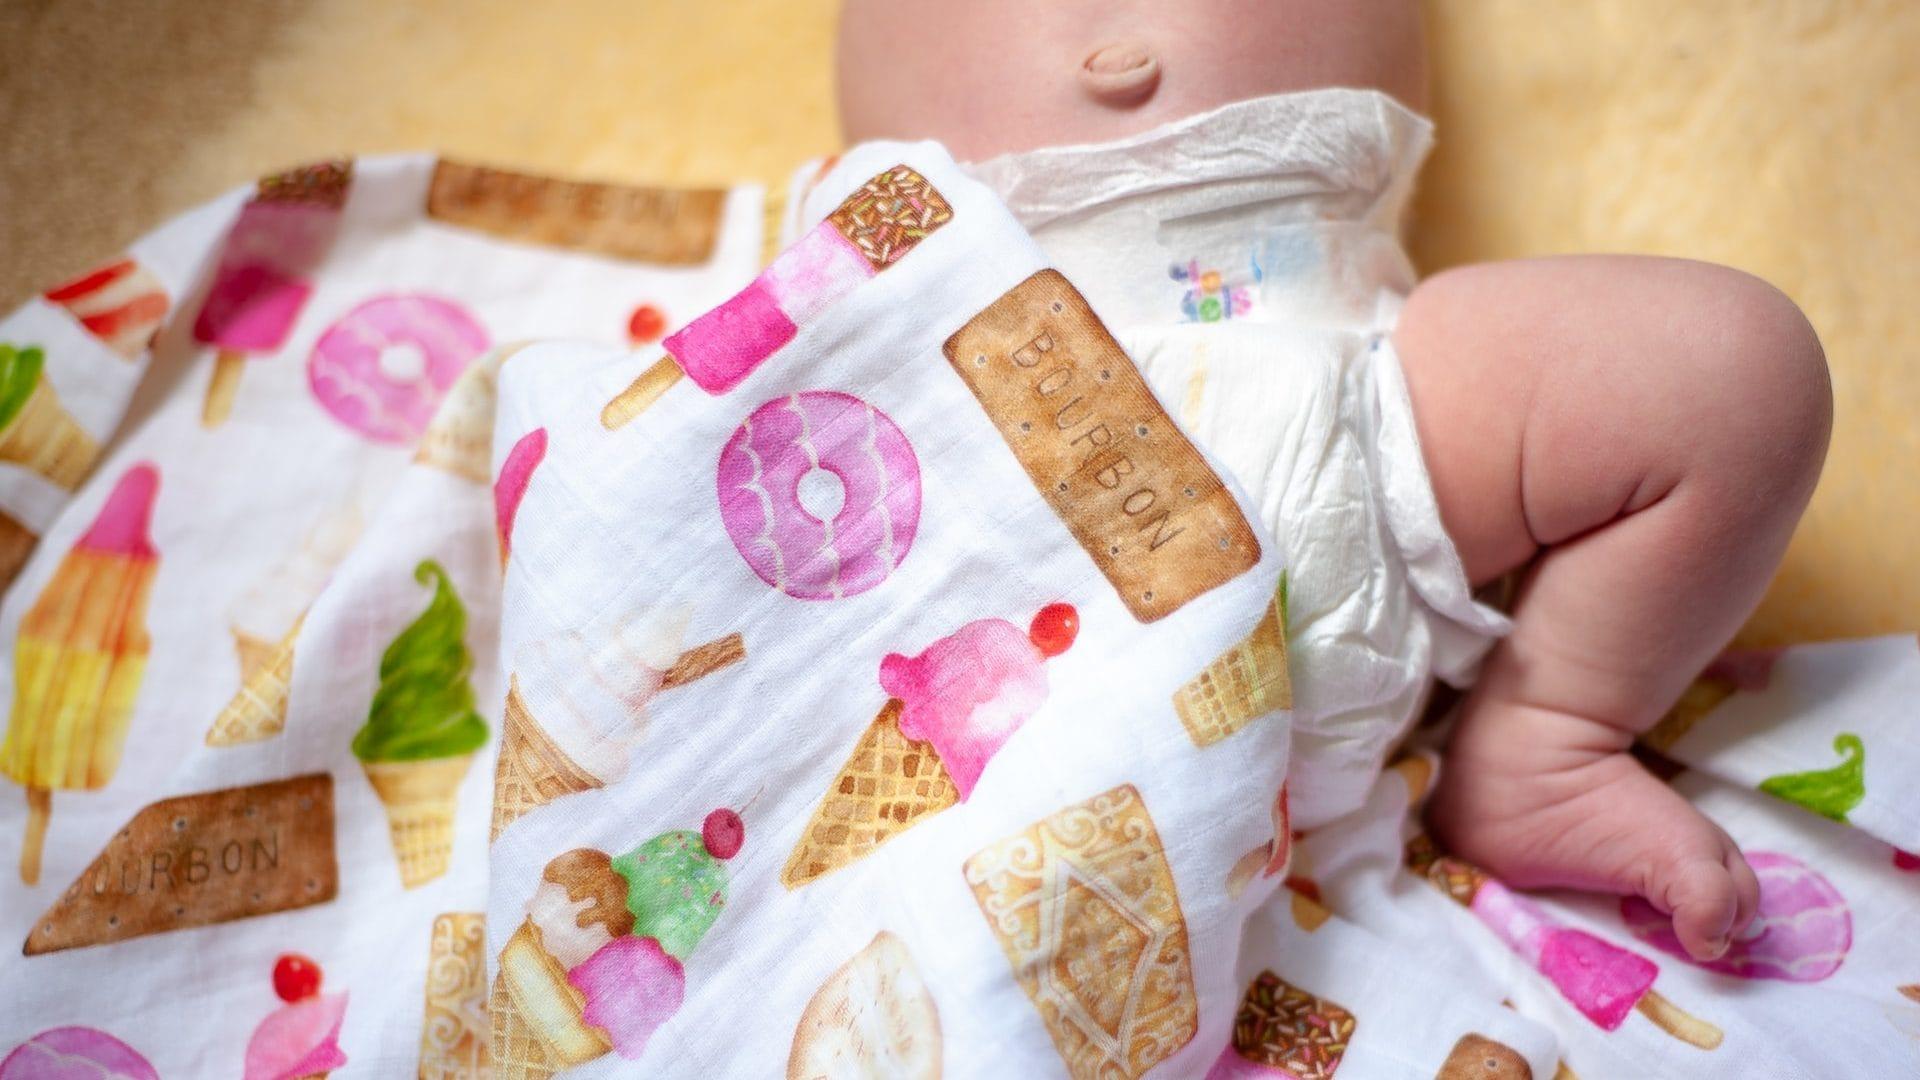 Onderkant van een baby met een doek met koekjes en ijsjes, op gele achtergrond. Bovenaanzicht